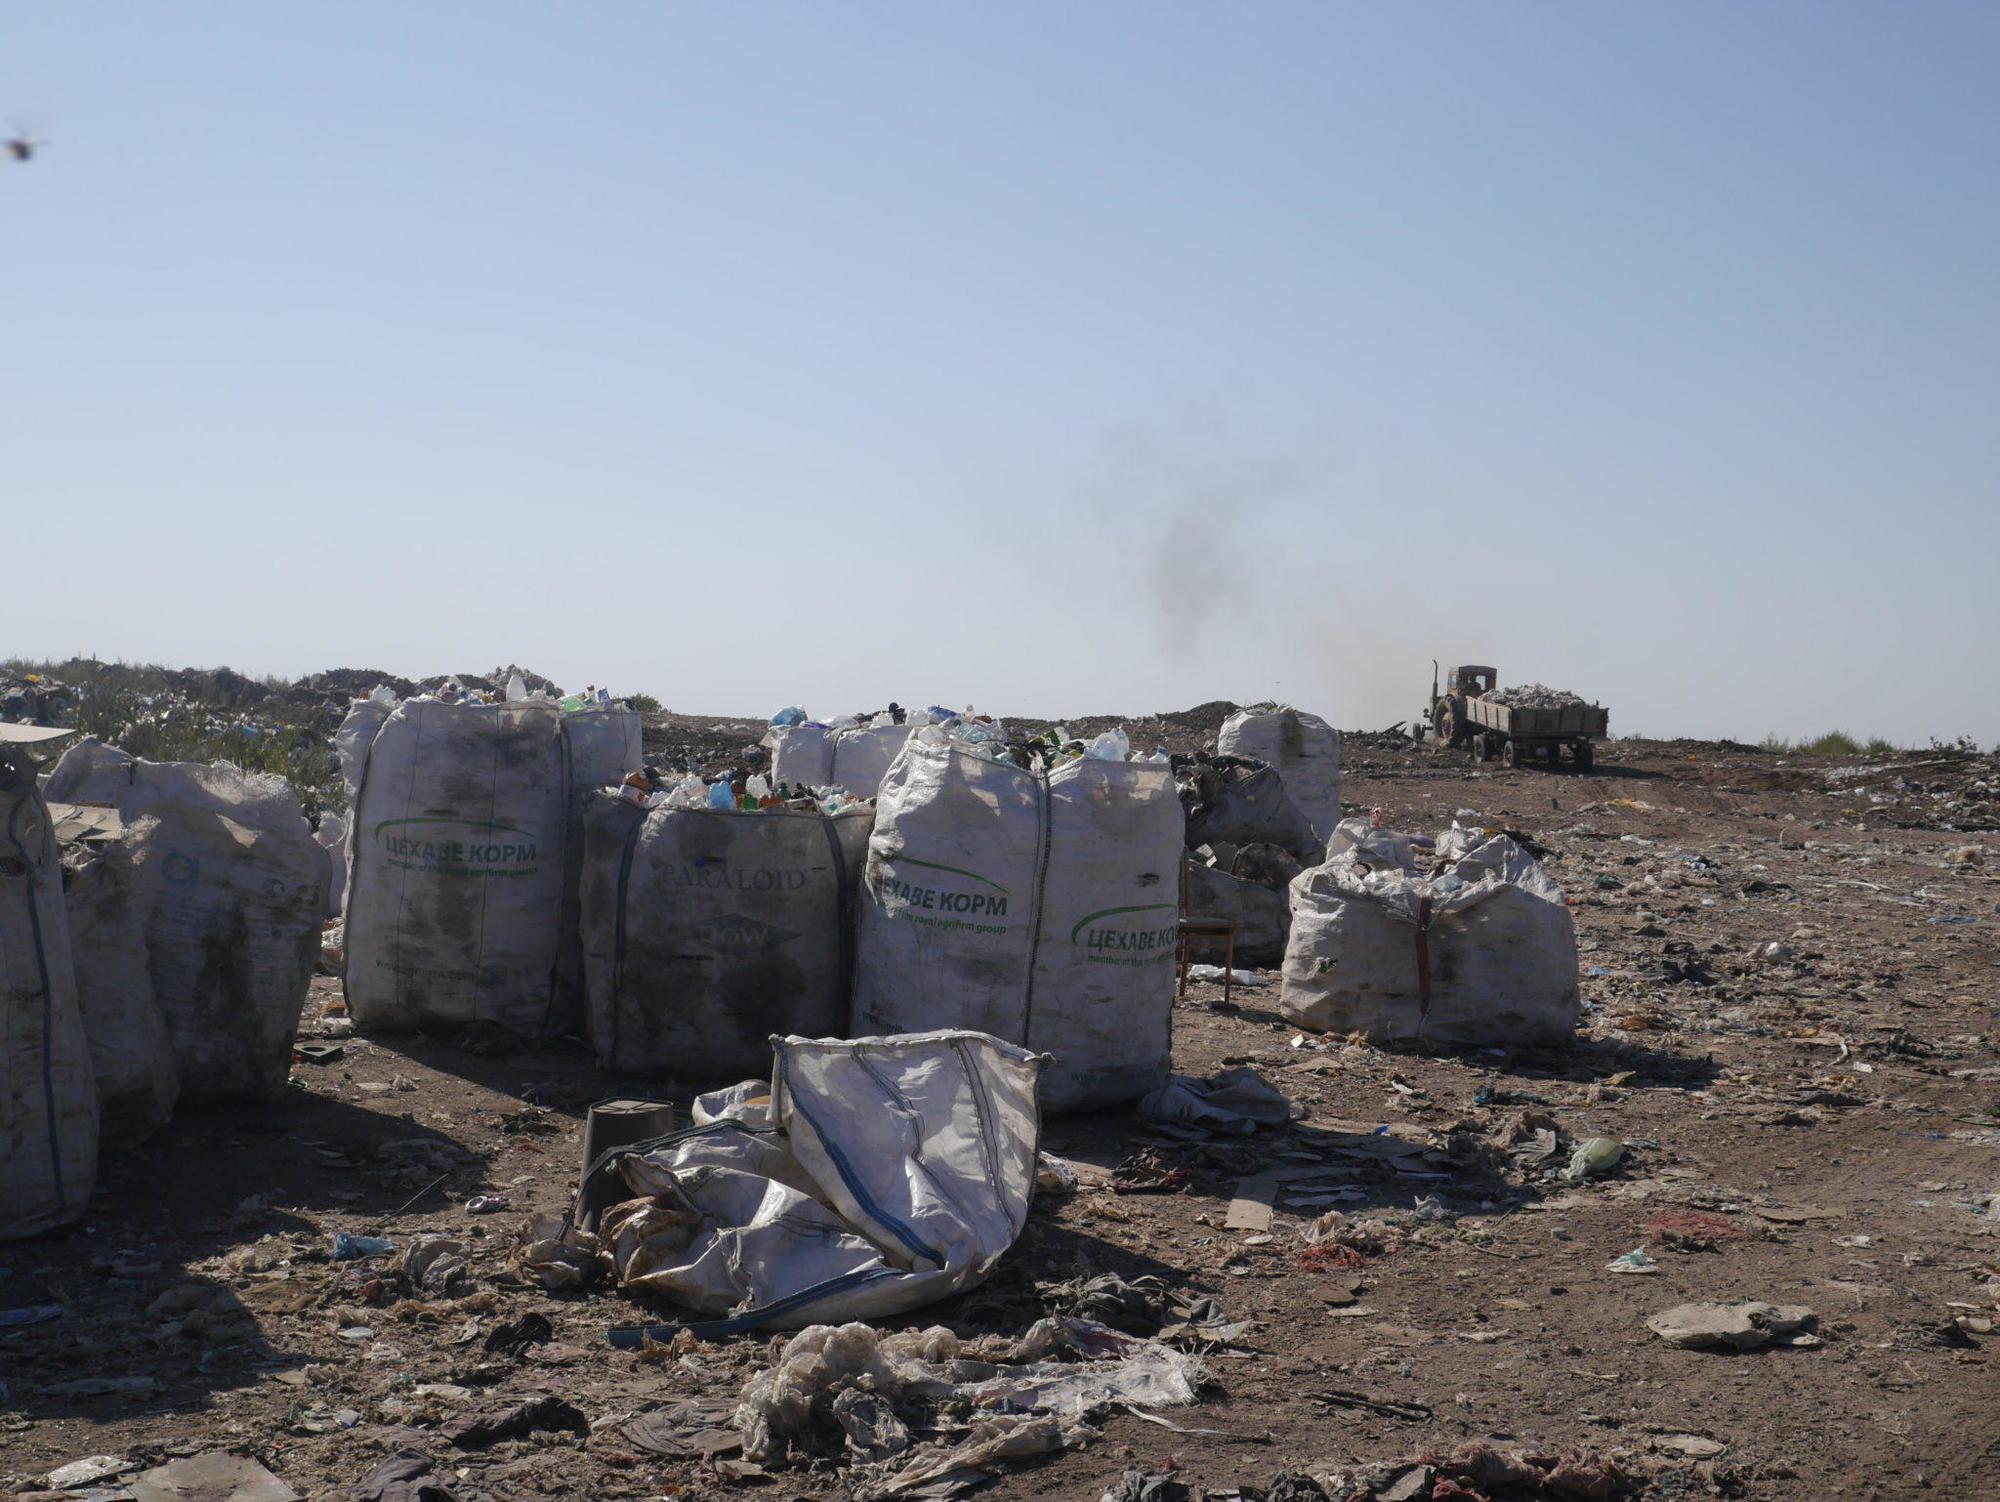 будівельні відходи полігон ТПВ Бахмут бахмутське сміттєзвалище